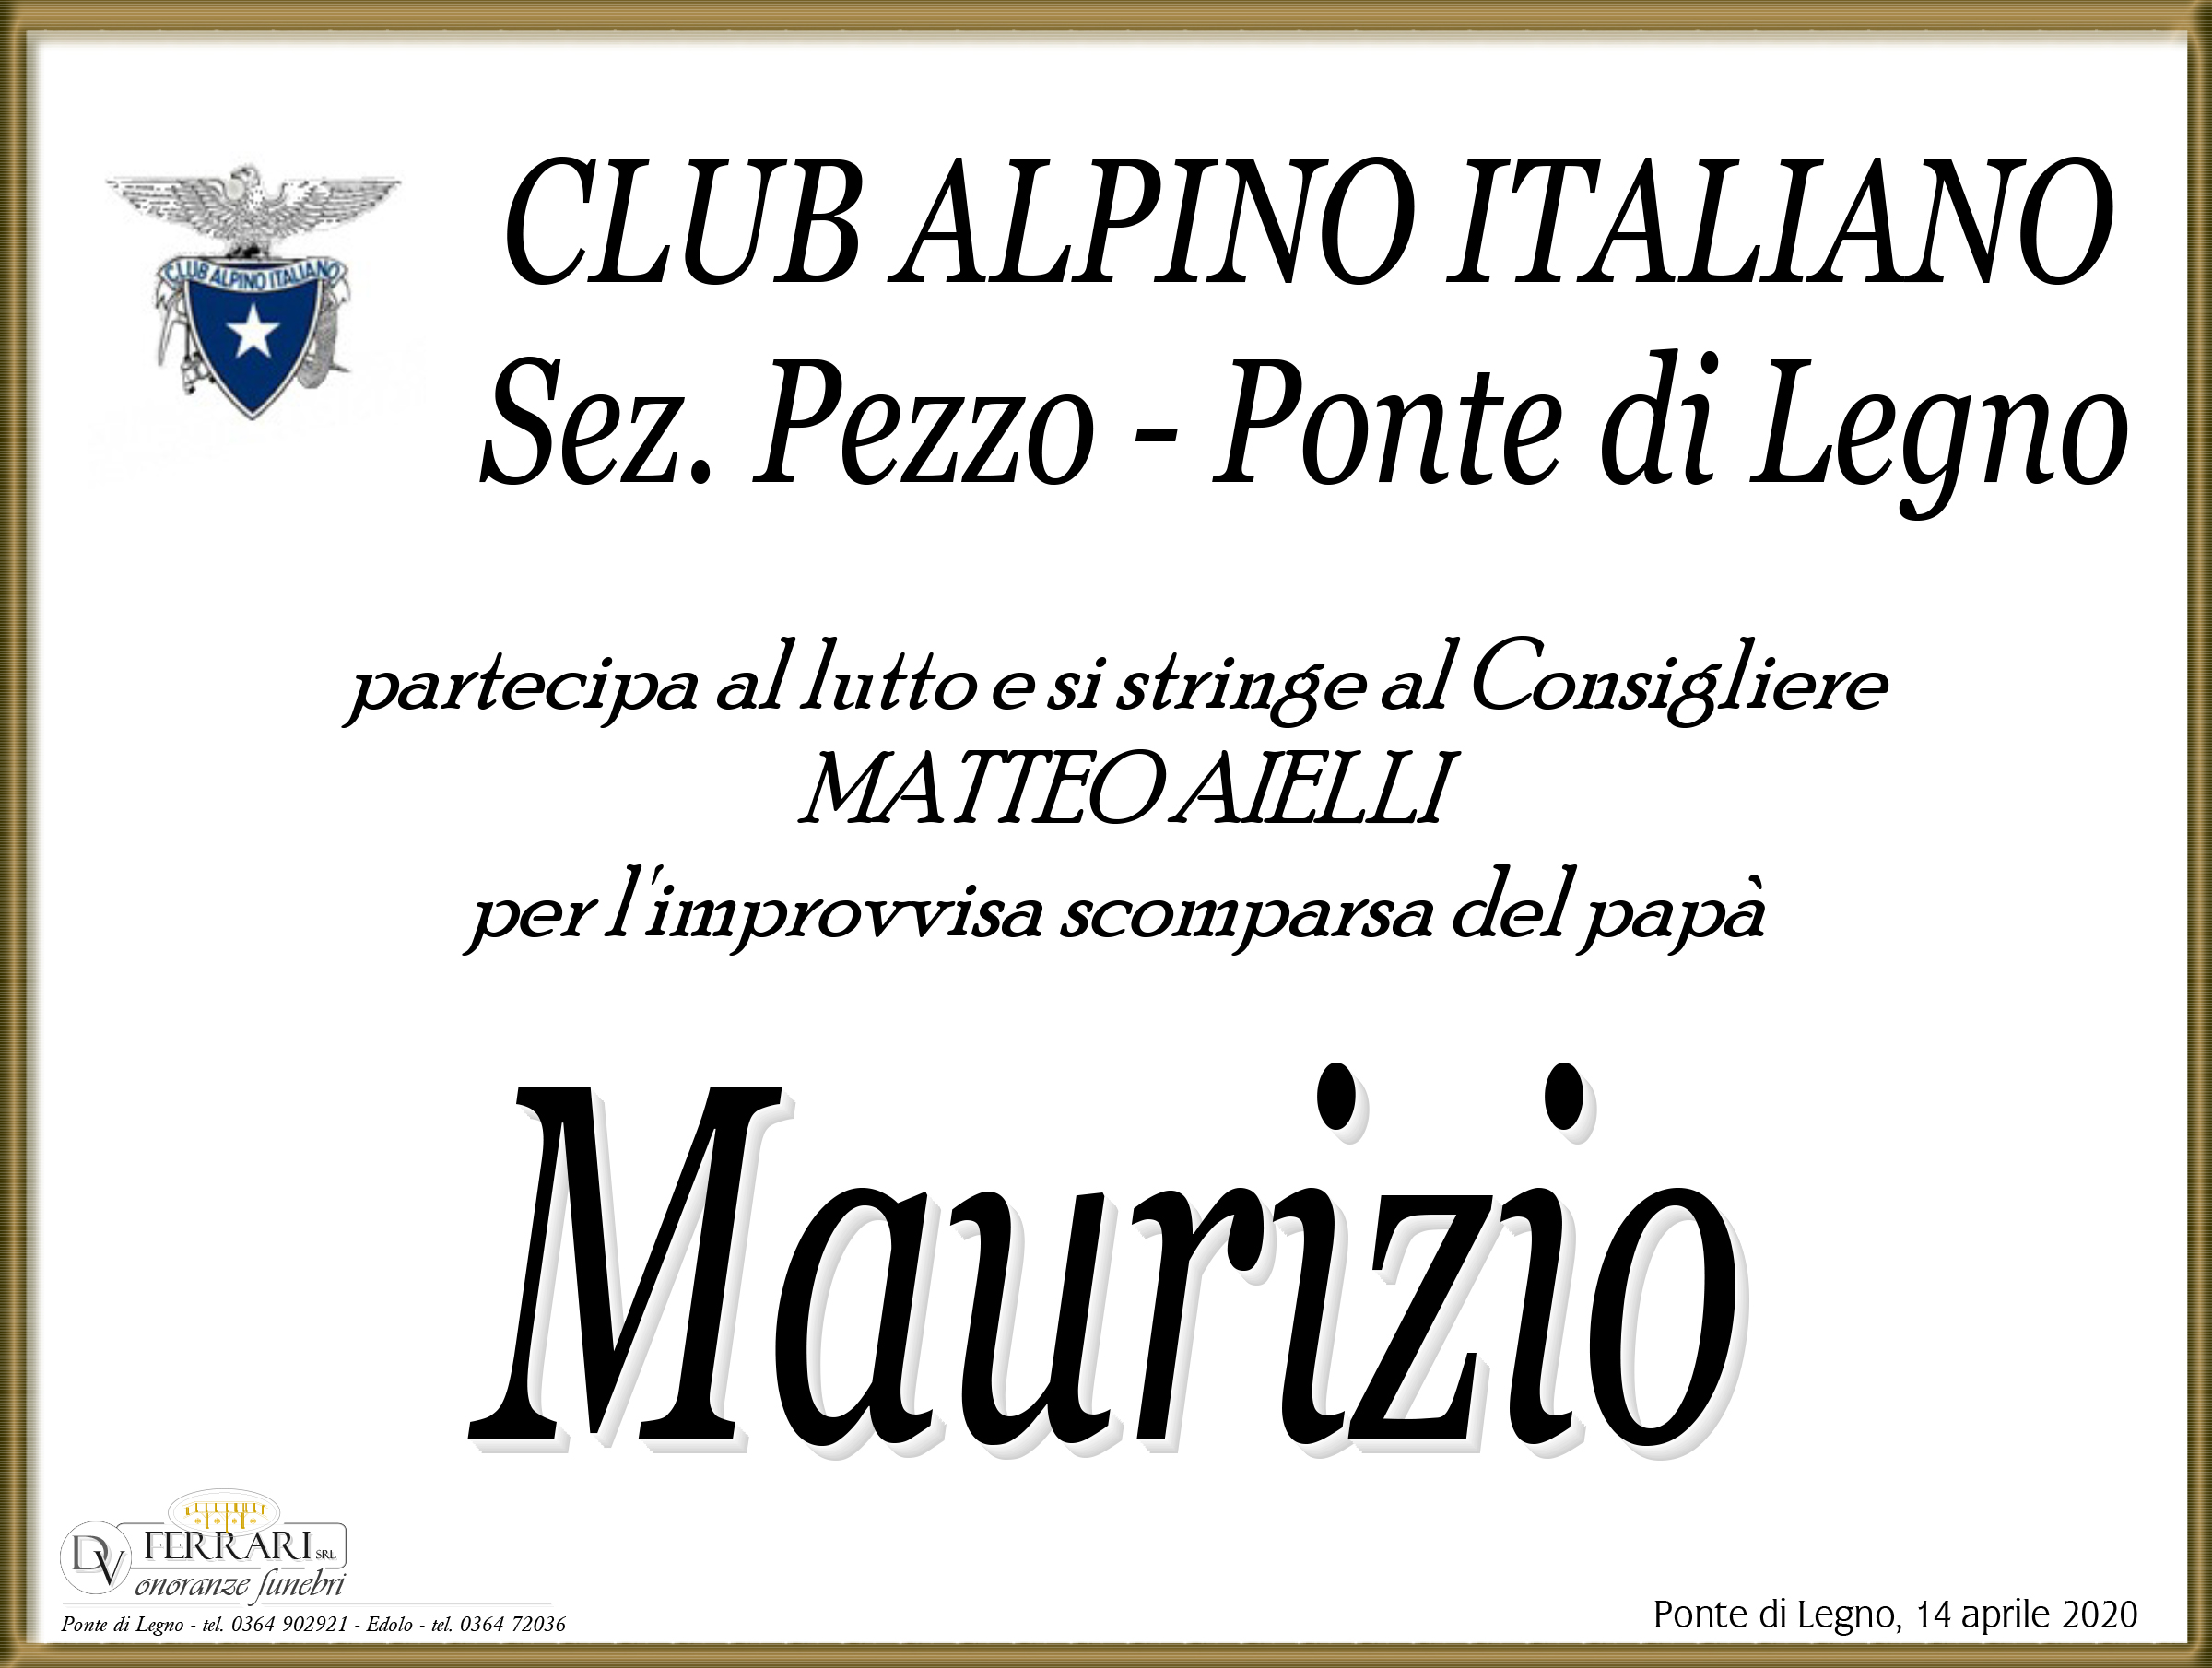 MAURIZIO AIELLI - PONTE DI LEGNO